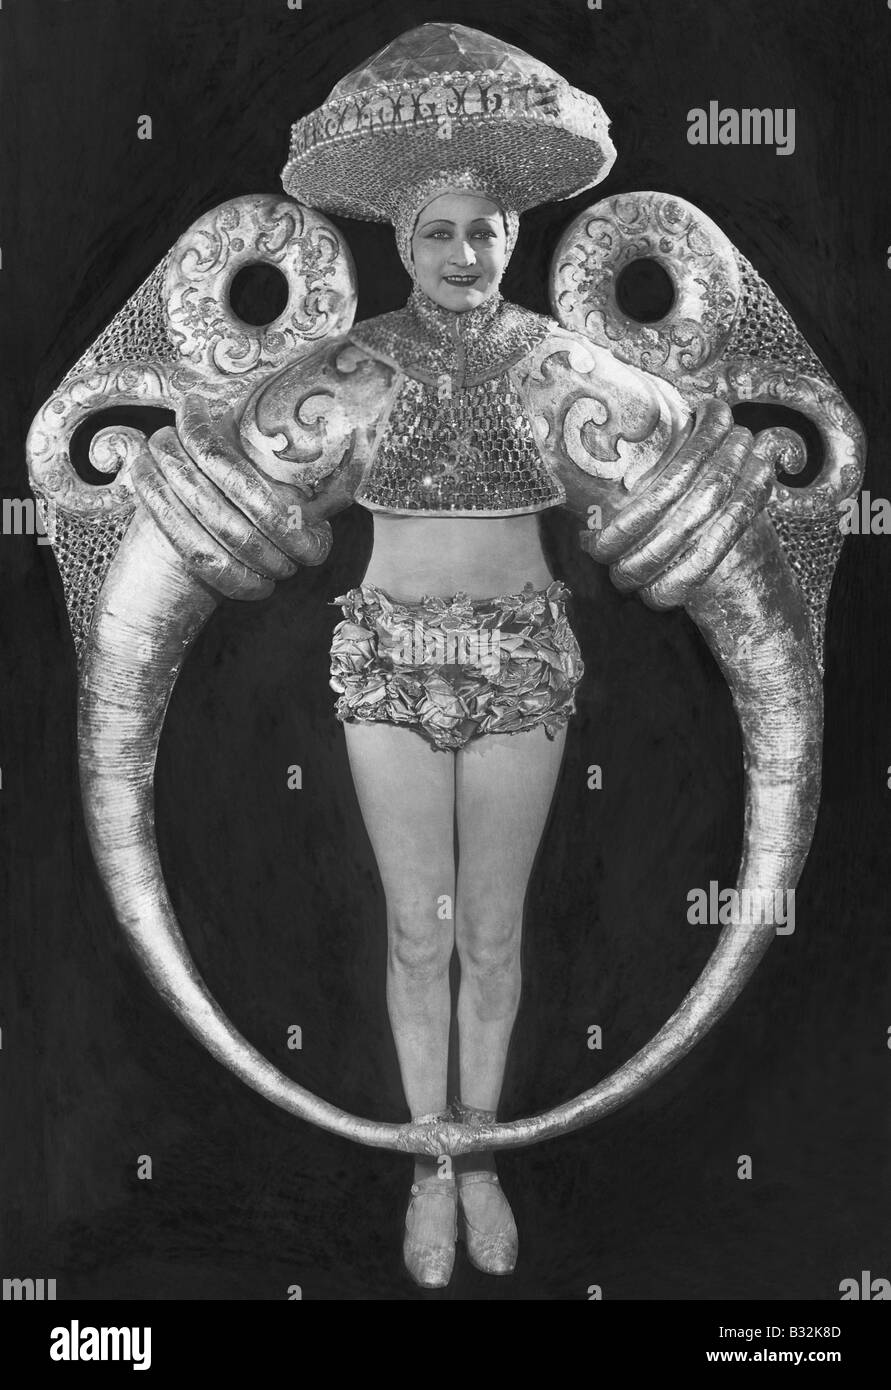 Ritratto di donna in elaborato costume ad anello Immagini Stock